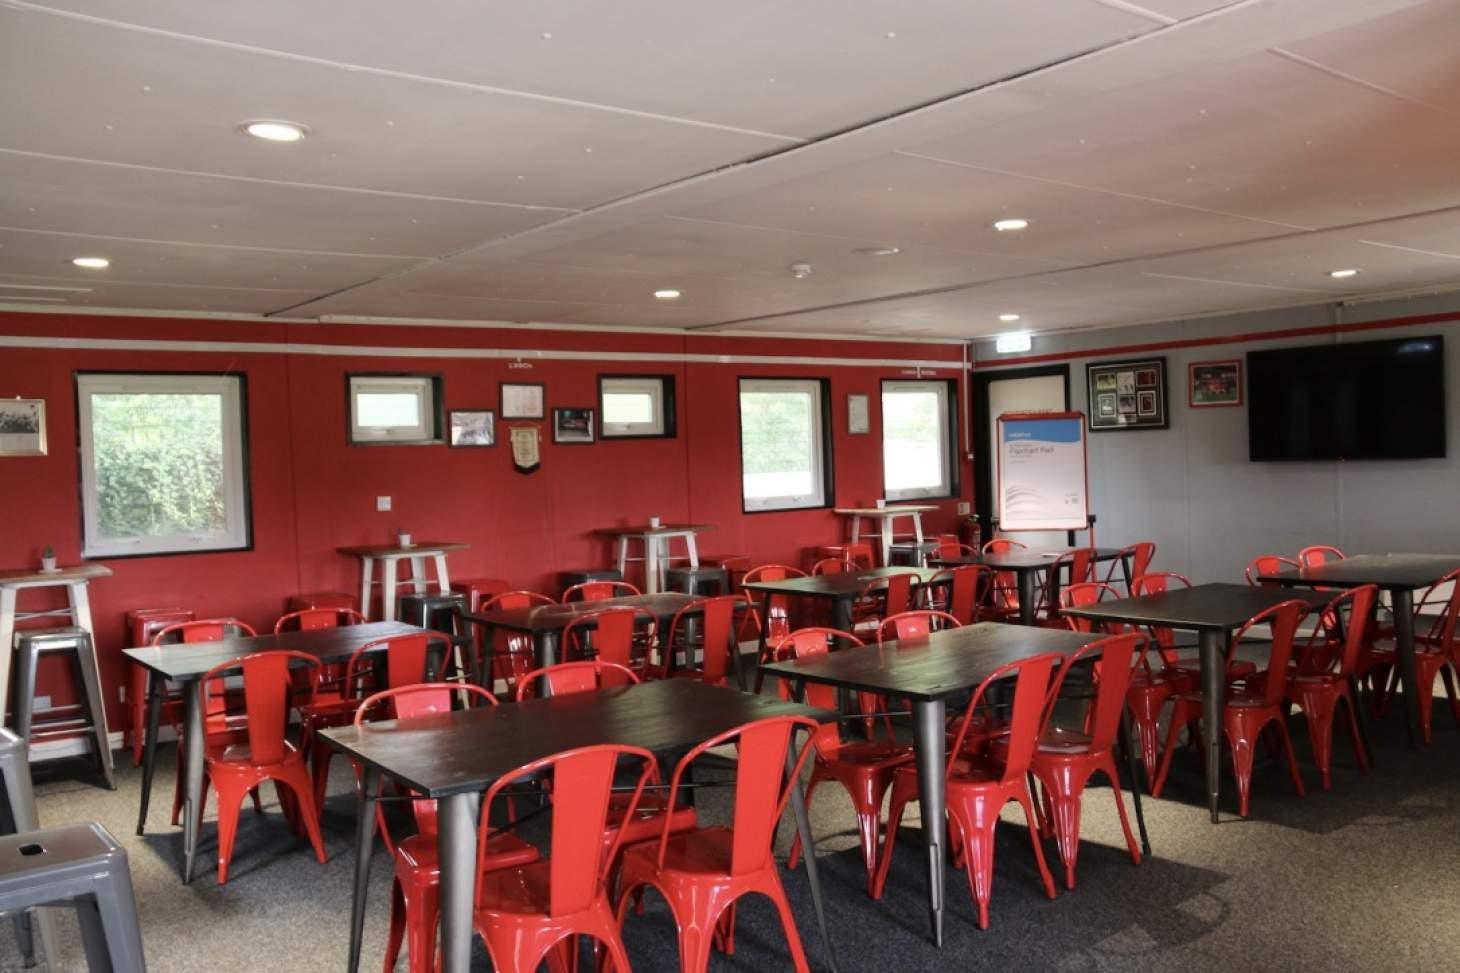 Cheadle Town FC Multi purpose room space hire